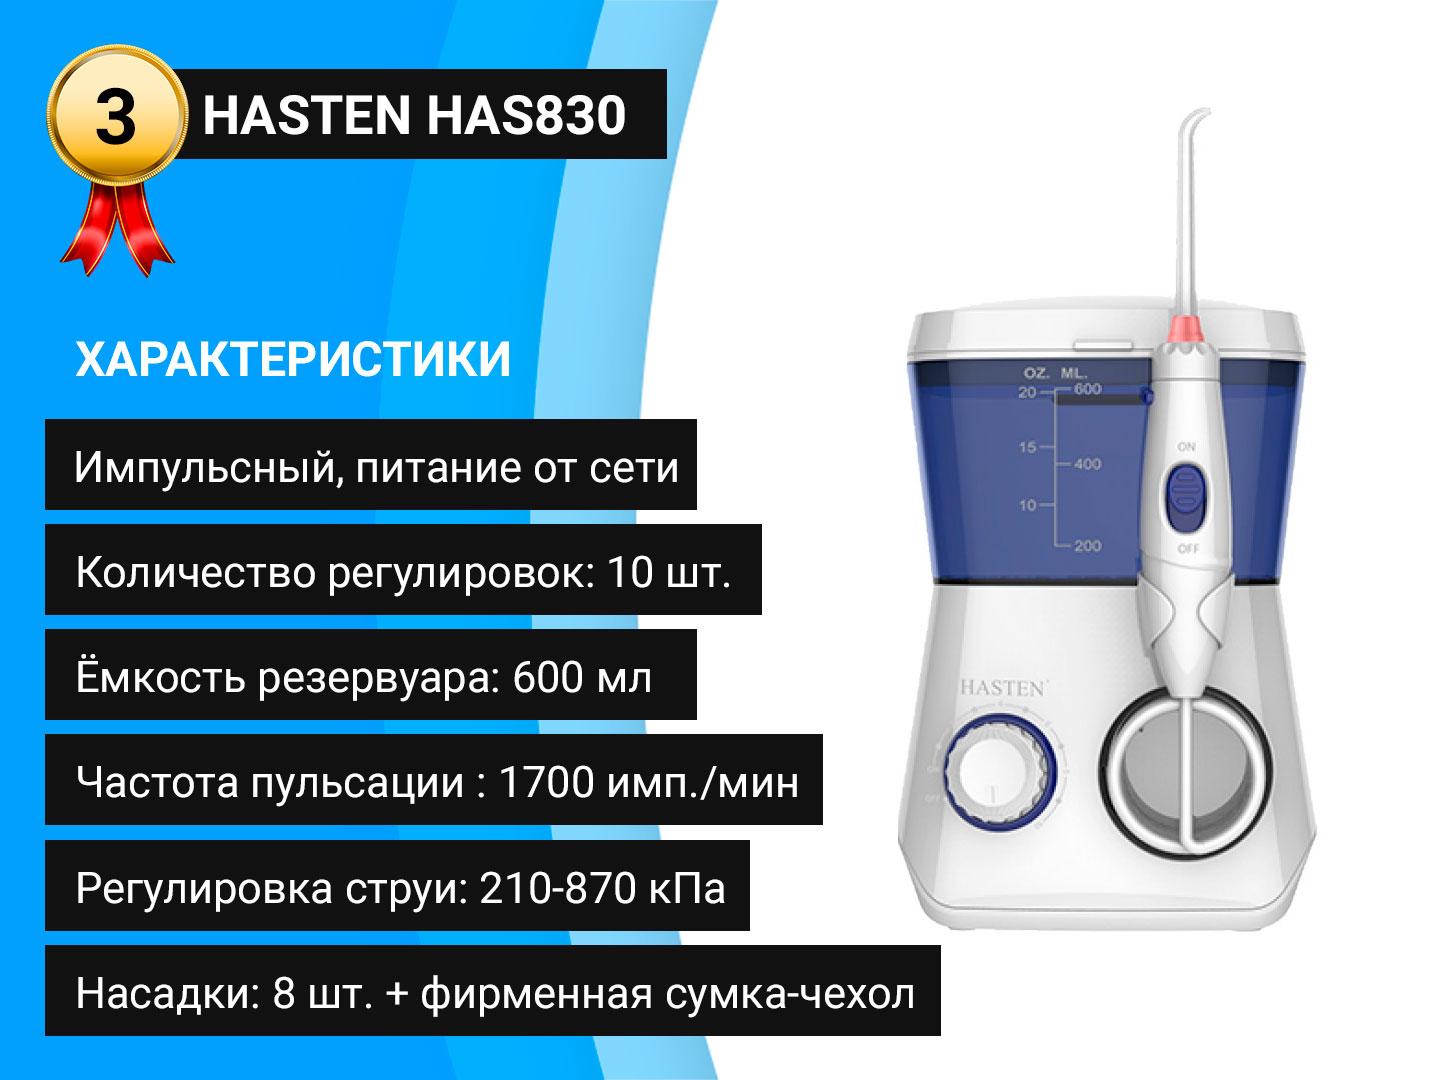 HASTEN HAS830